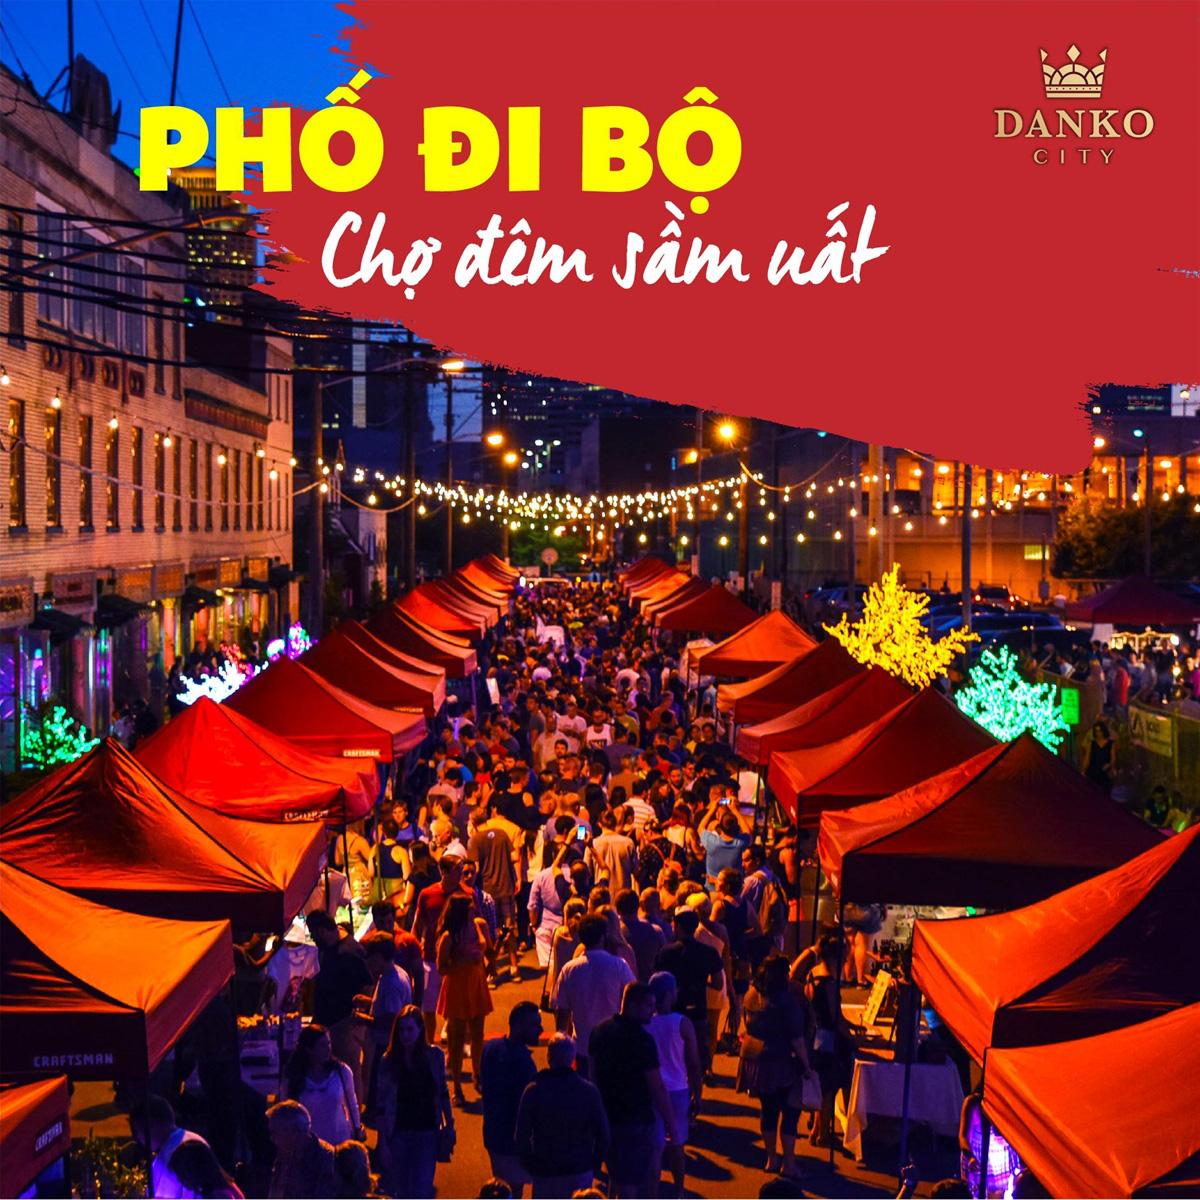 Danko Square - Không gian hội chợ châu Âu ngay tại Việt Nam - Ảnh 3.